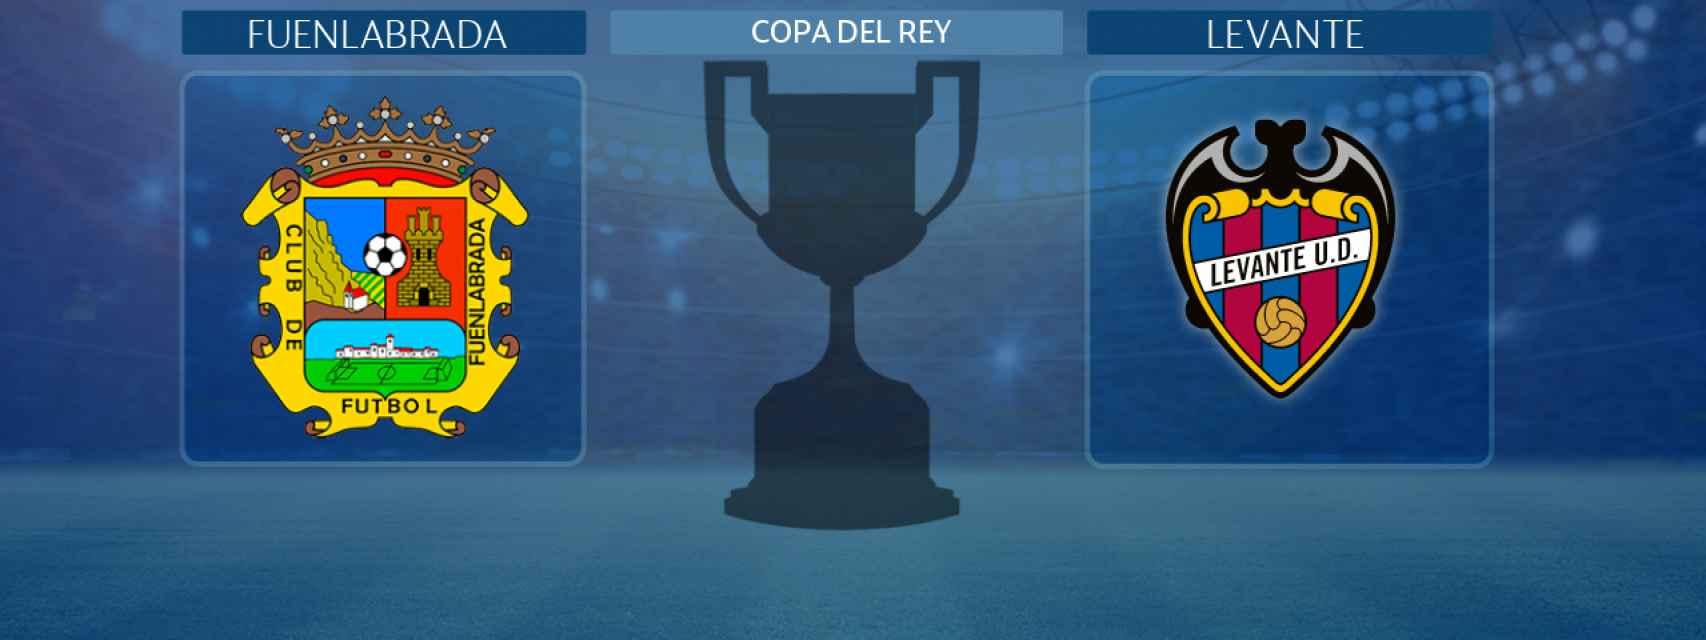 Fuenlabrada - Levante, partido de la Copa del Rey